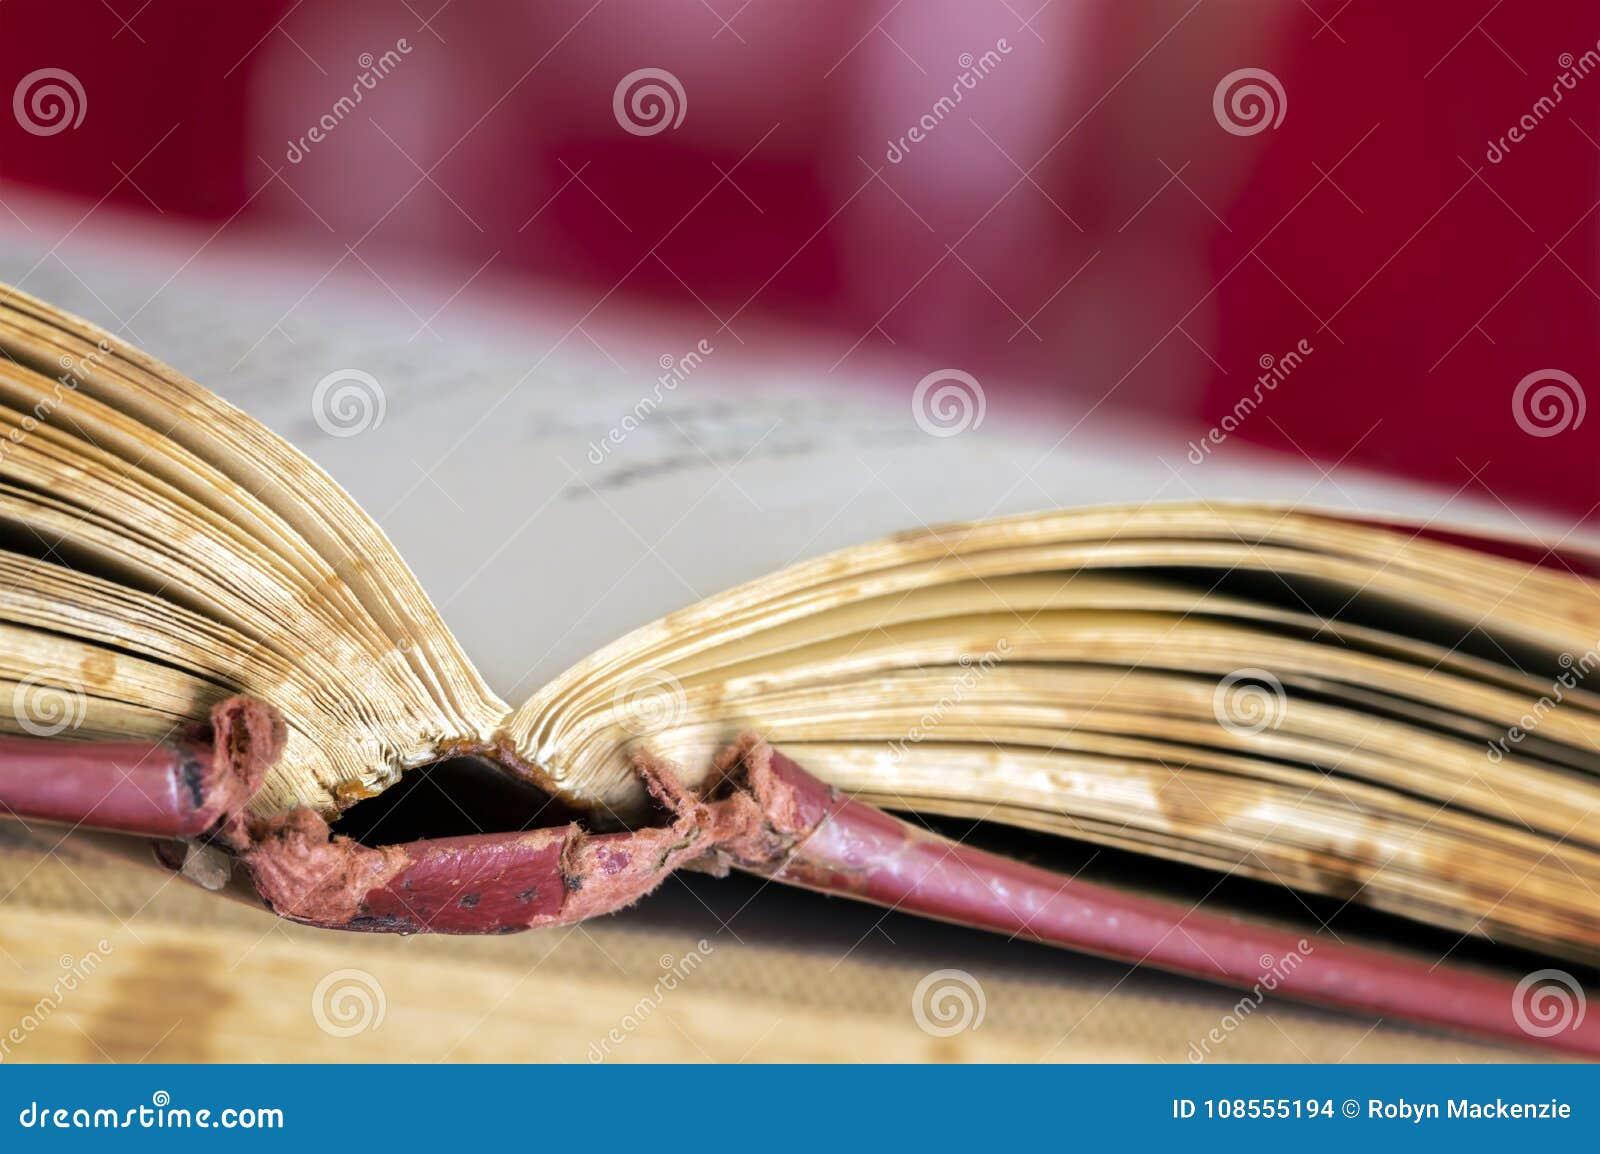 在脊椎被弄脏的背景的旧书开放焦点